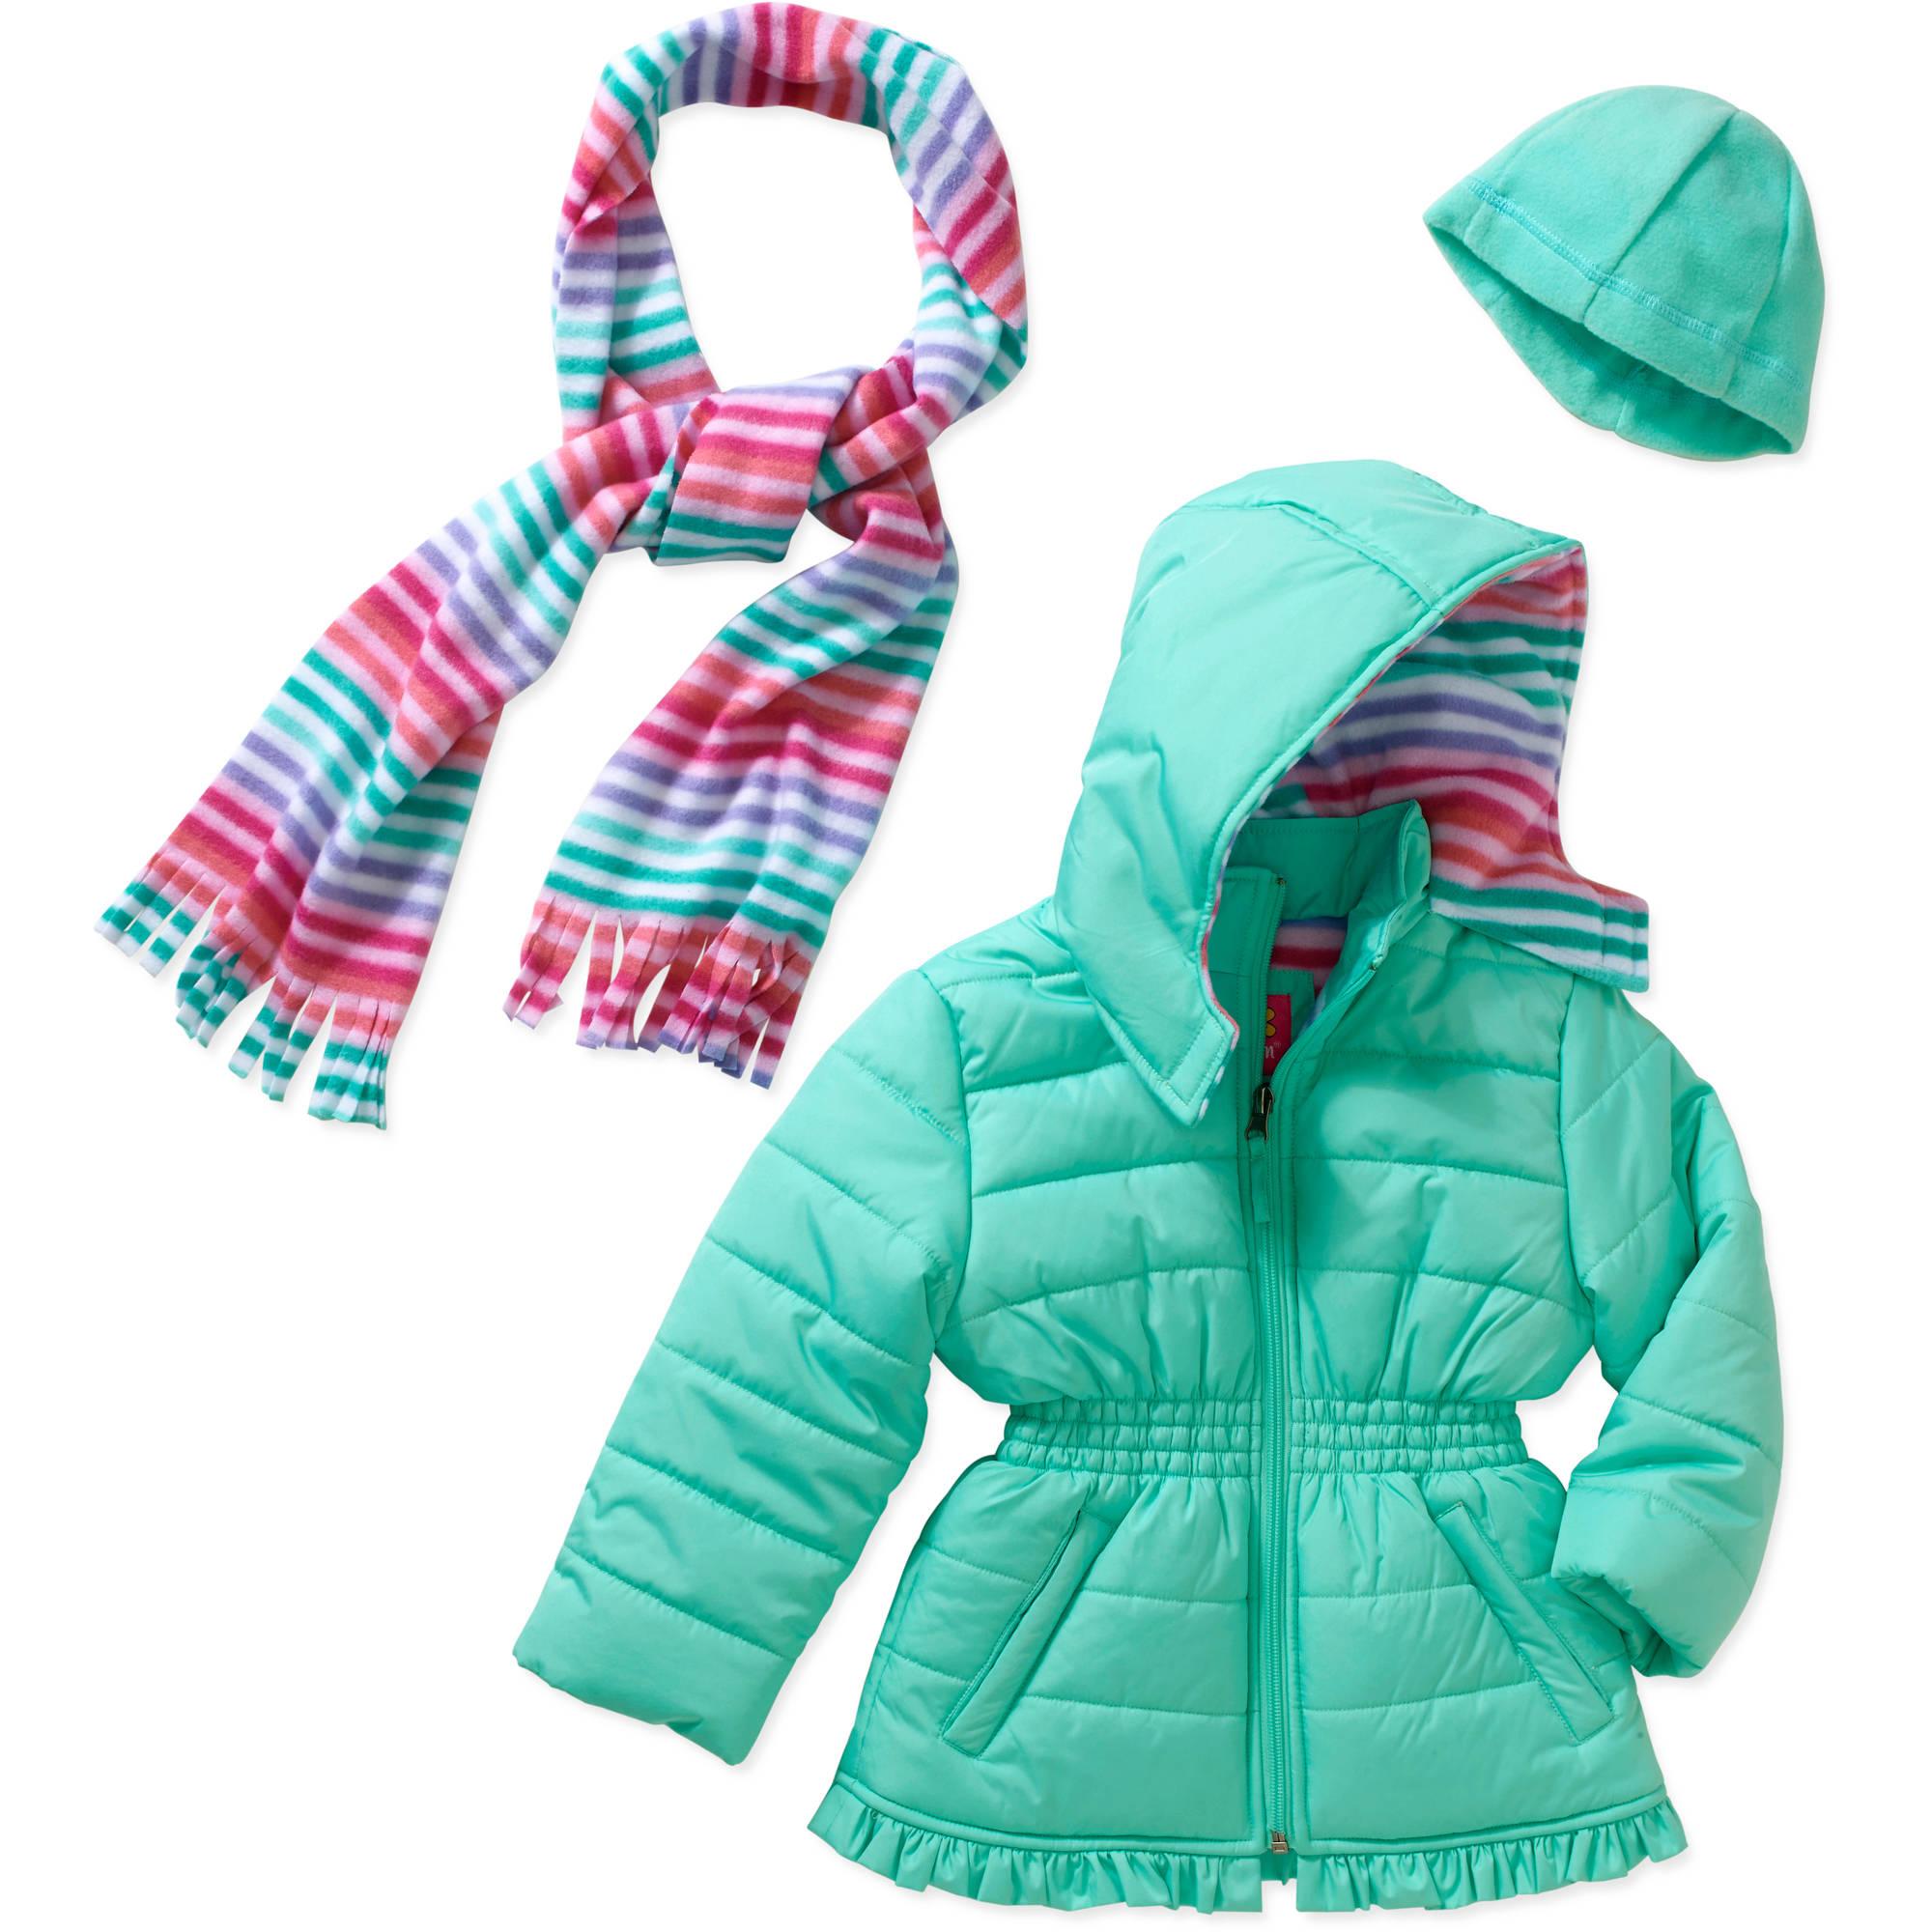 Pink Platinum Baby Toddler Girl Hooded Ruffle Puffer Jacket with Free Bonus Scarf Gift Set